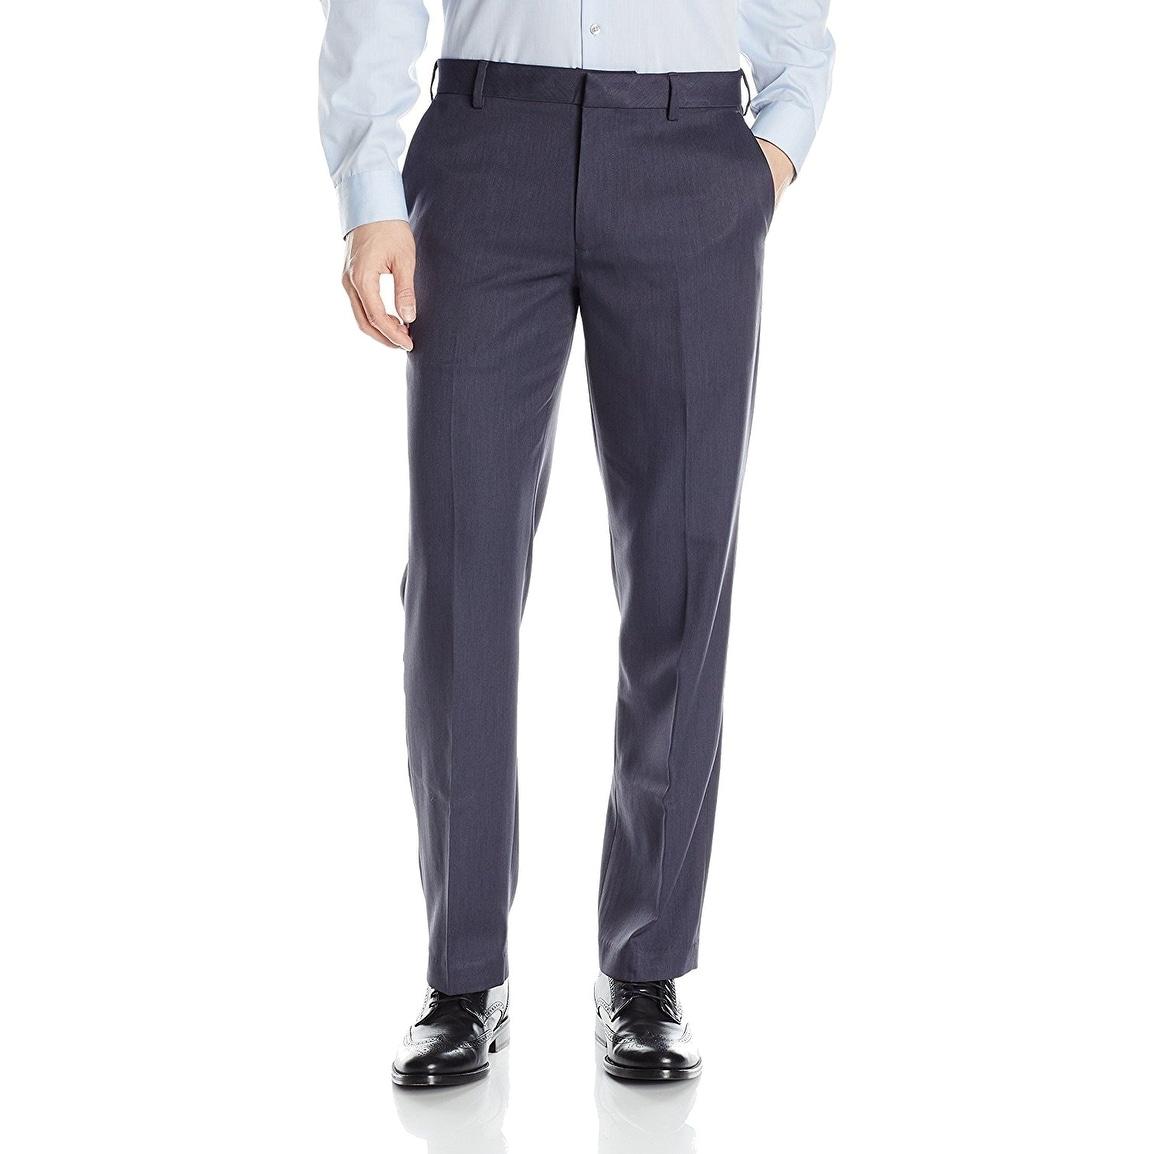 123cc4d4 Van Heusen Men's Clothing | Shop our Best Clothing & Shoes Deals ...